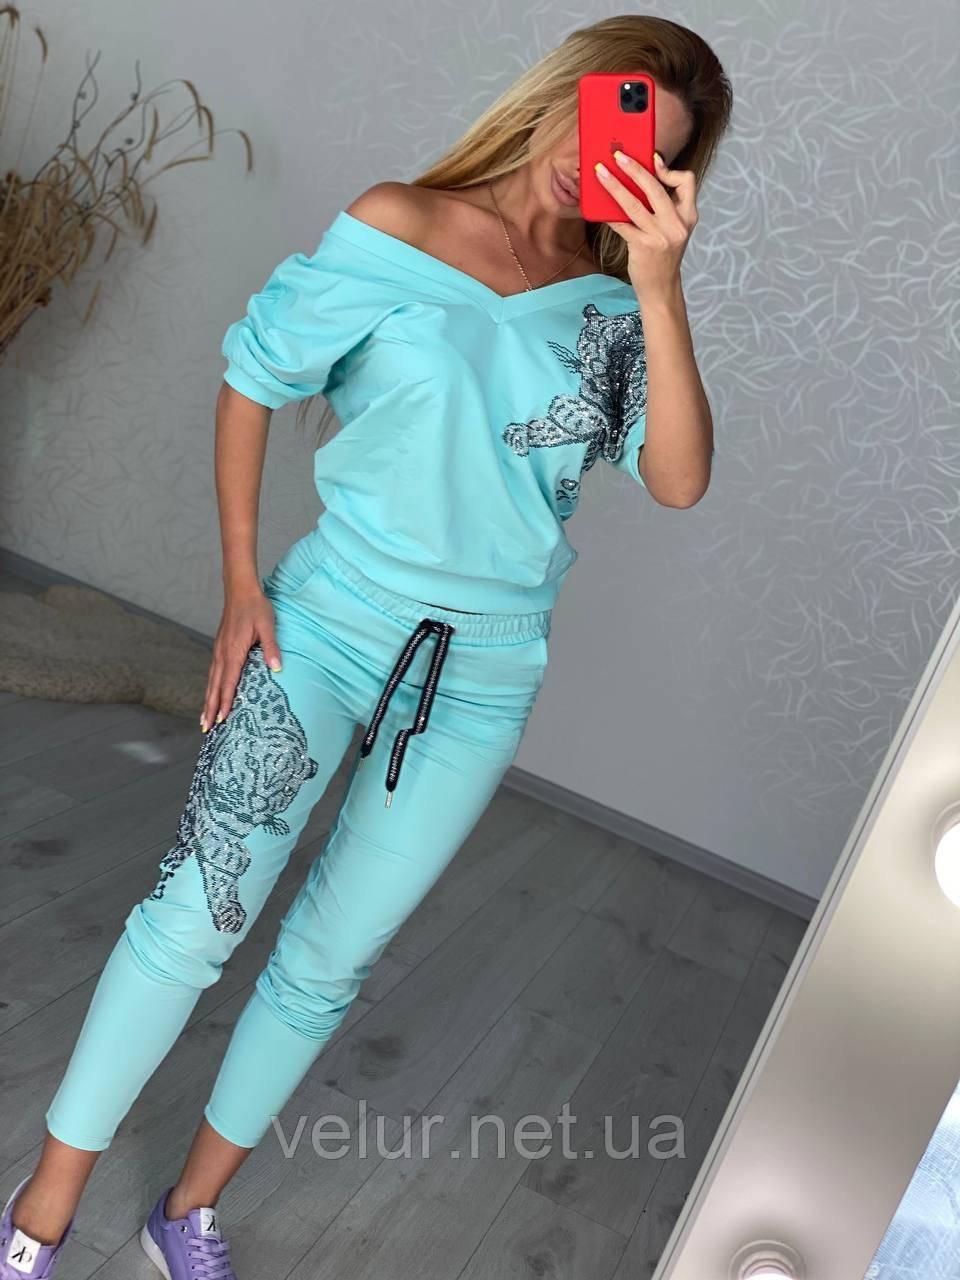 Женский летний голубой трикотажный костюм (Турция); Размеры:42, 44, 46, 48,50 (наши)